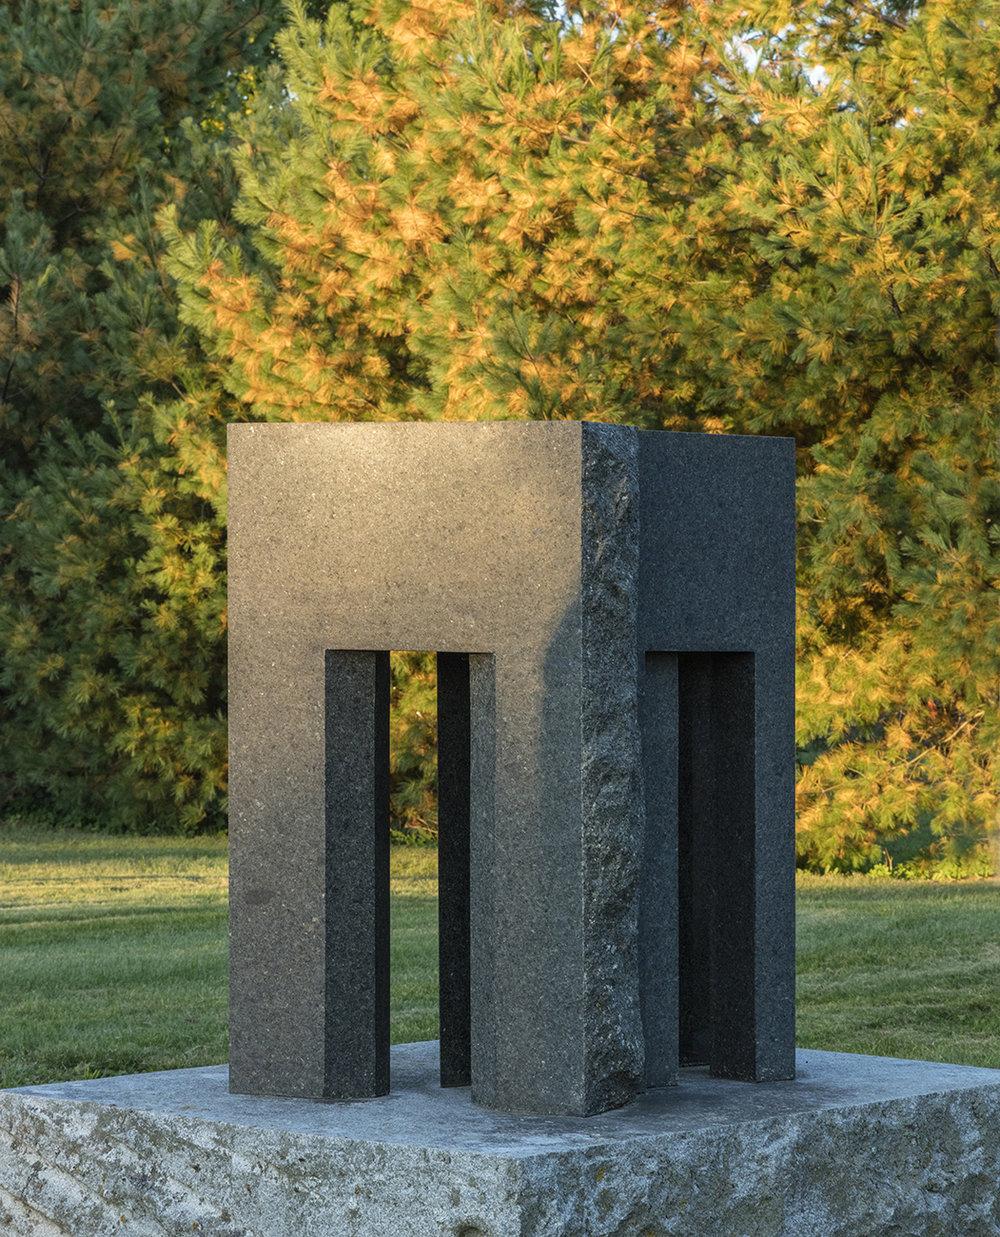 Fini/Infini  (2003)   Granite,160 x 130 x 173 cm, collection de l'artiste. photo :Richard-Max Tremblay